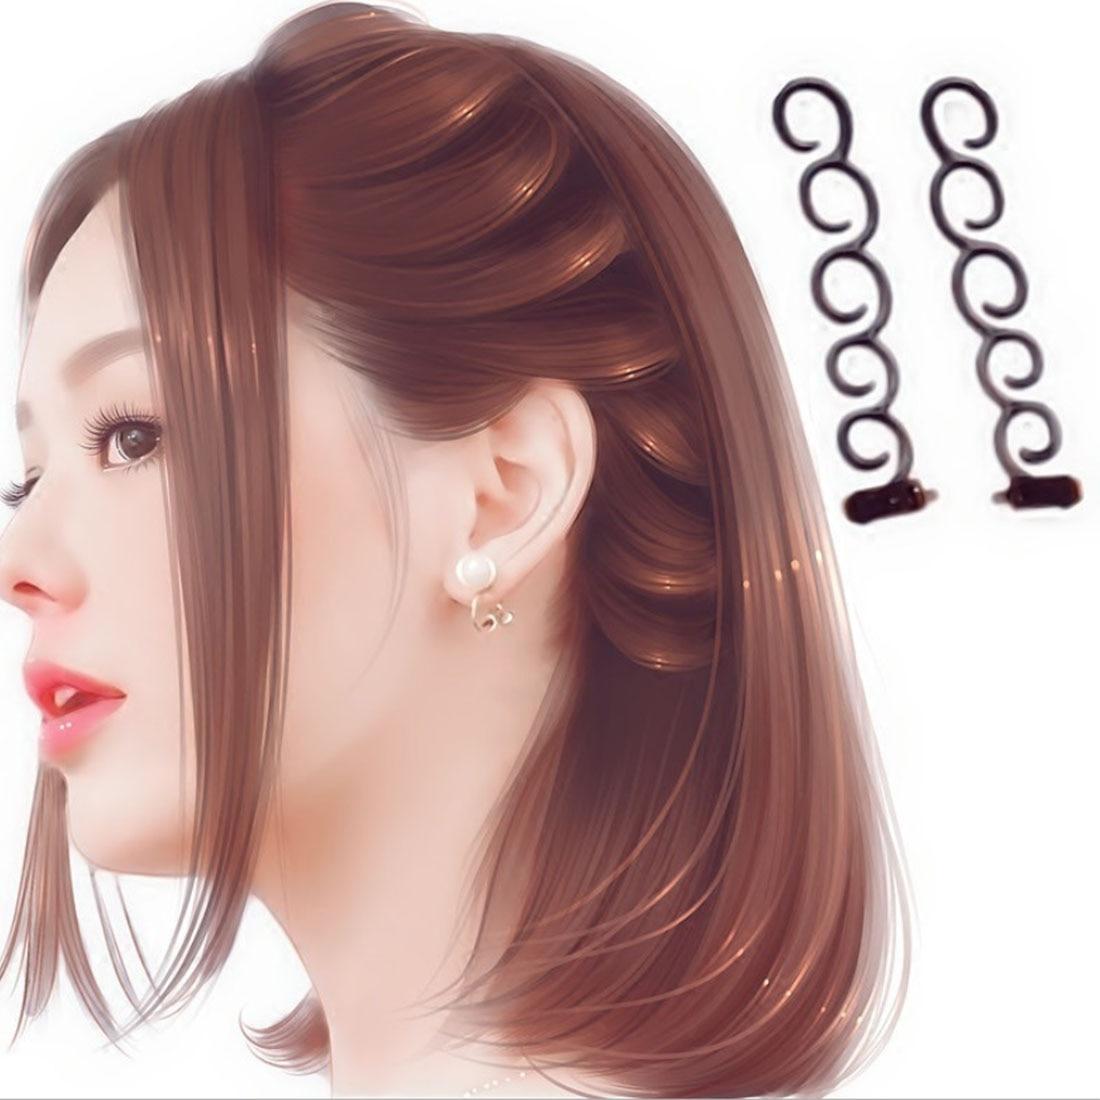 Women Fashion Flower Magic Hair Clip Bride Stylist Queue Twist Plait Hair Braid DIY Hairstyle Styling  Hair Accessory